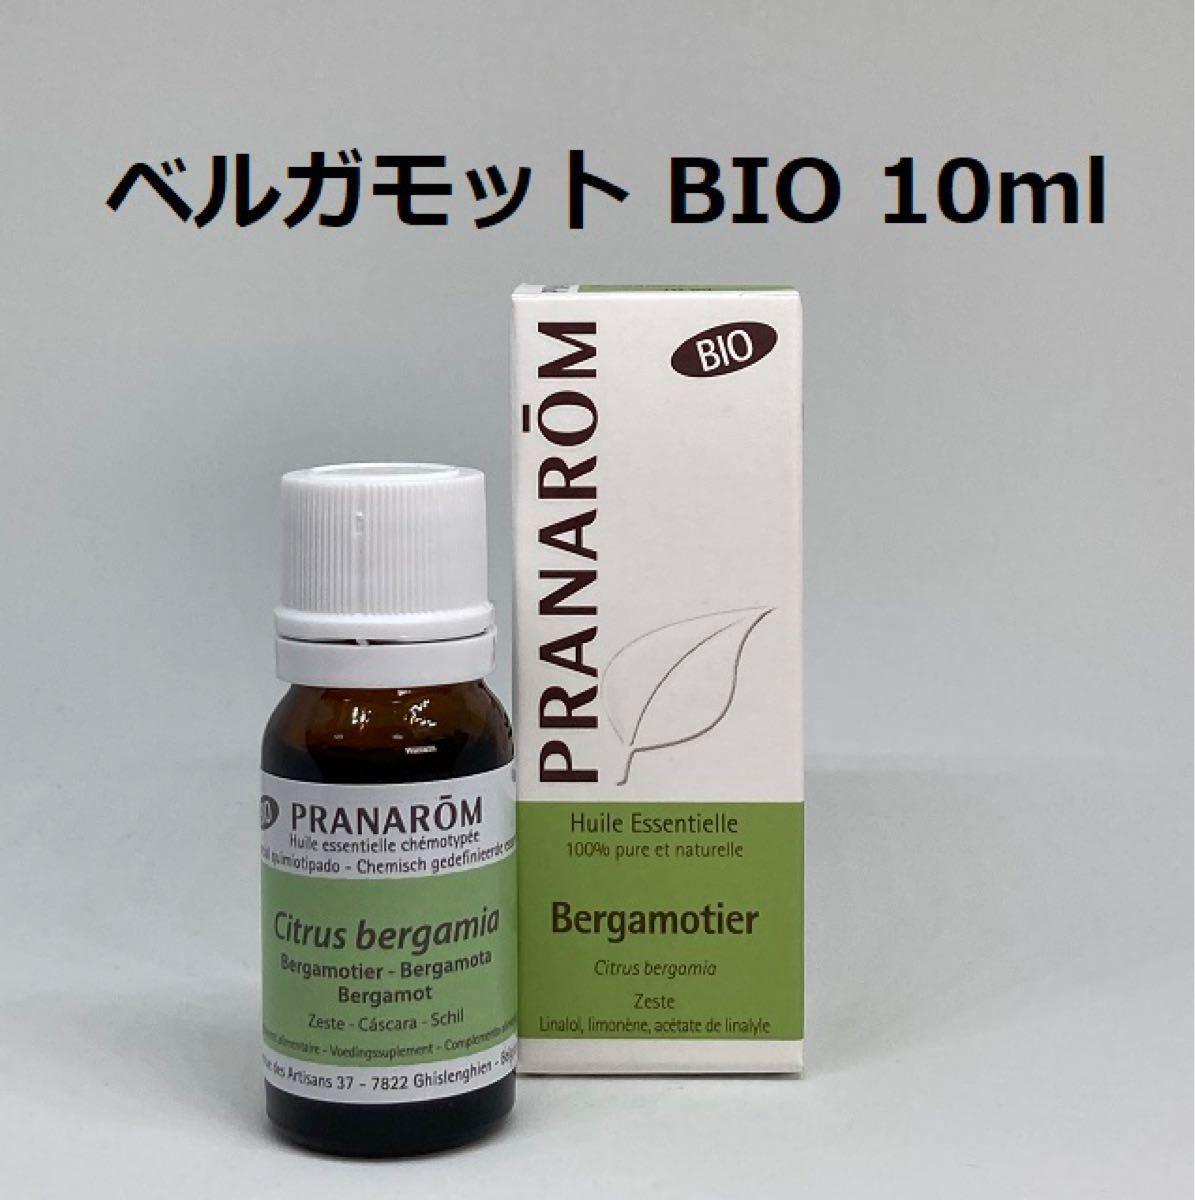 プラナロム ベルガモット BIO 10ml 精油 PRANAROM アロマ